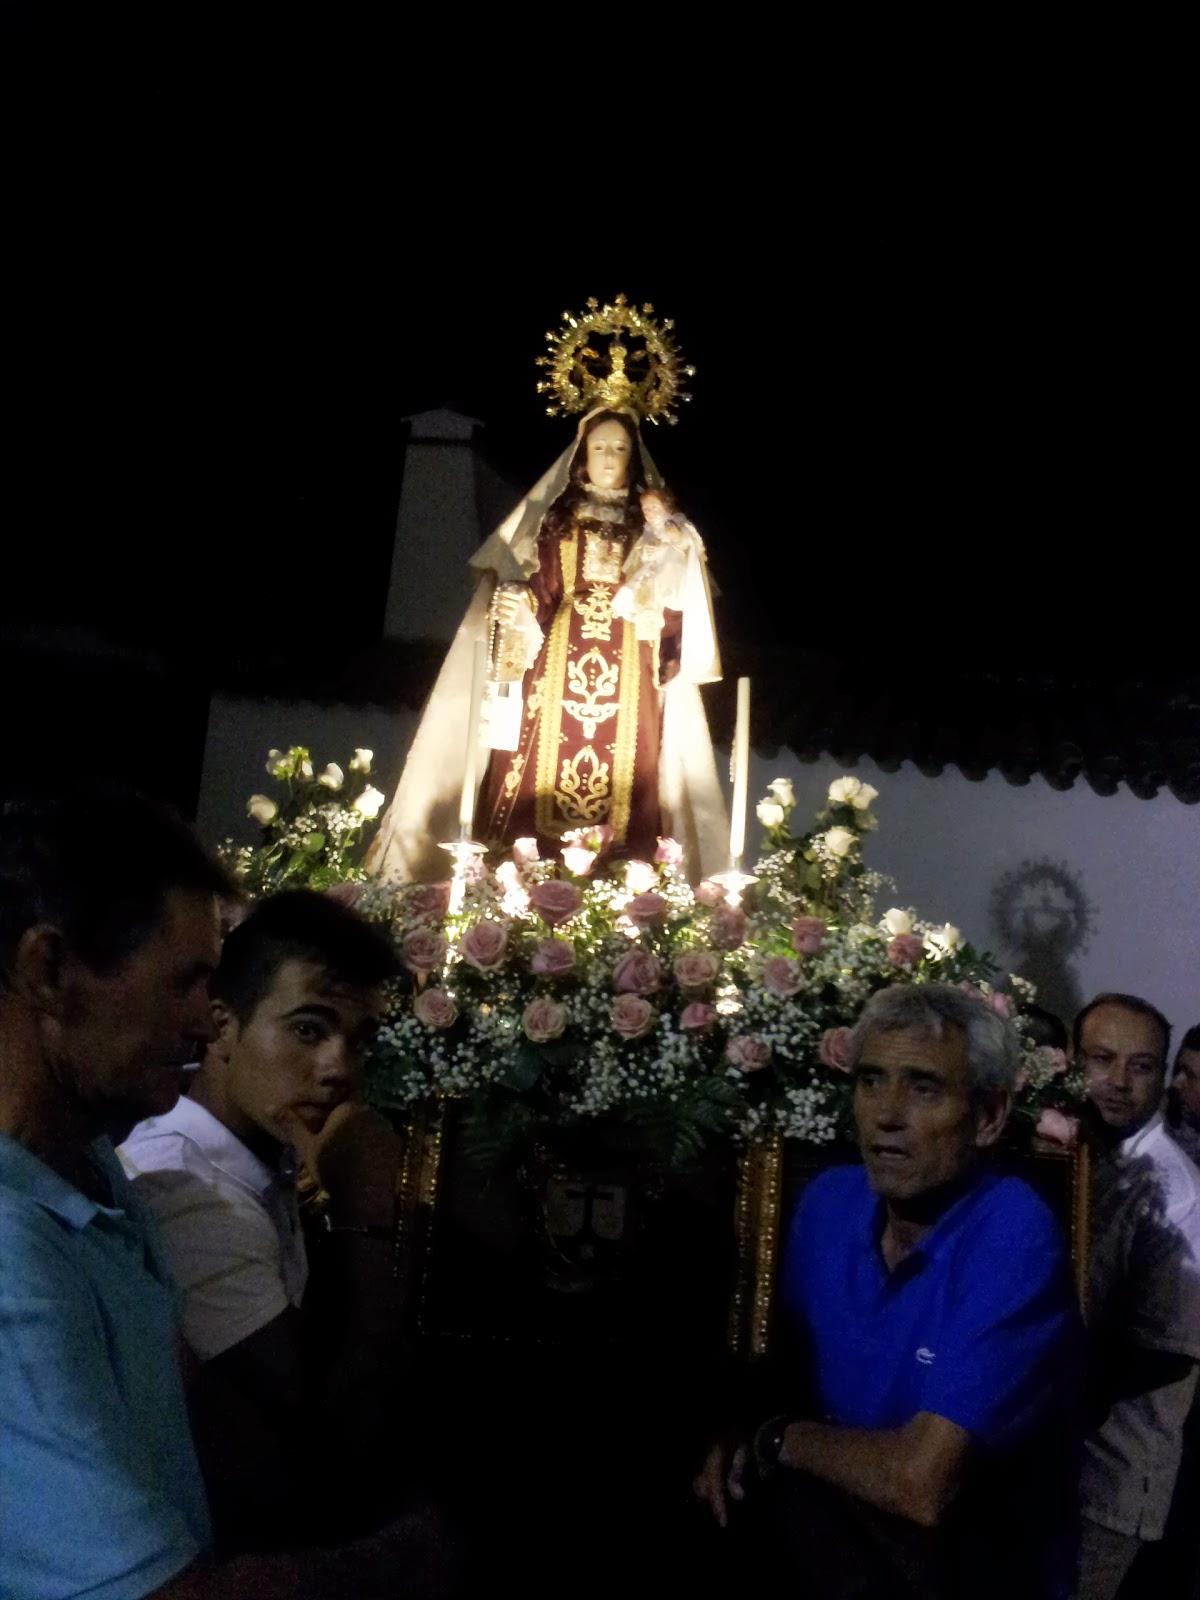 Ceremonia y rbrica de la Iglesia espaola  Nuestra Seora la Virgen del Carmen o del Monte